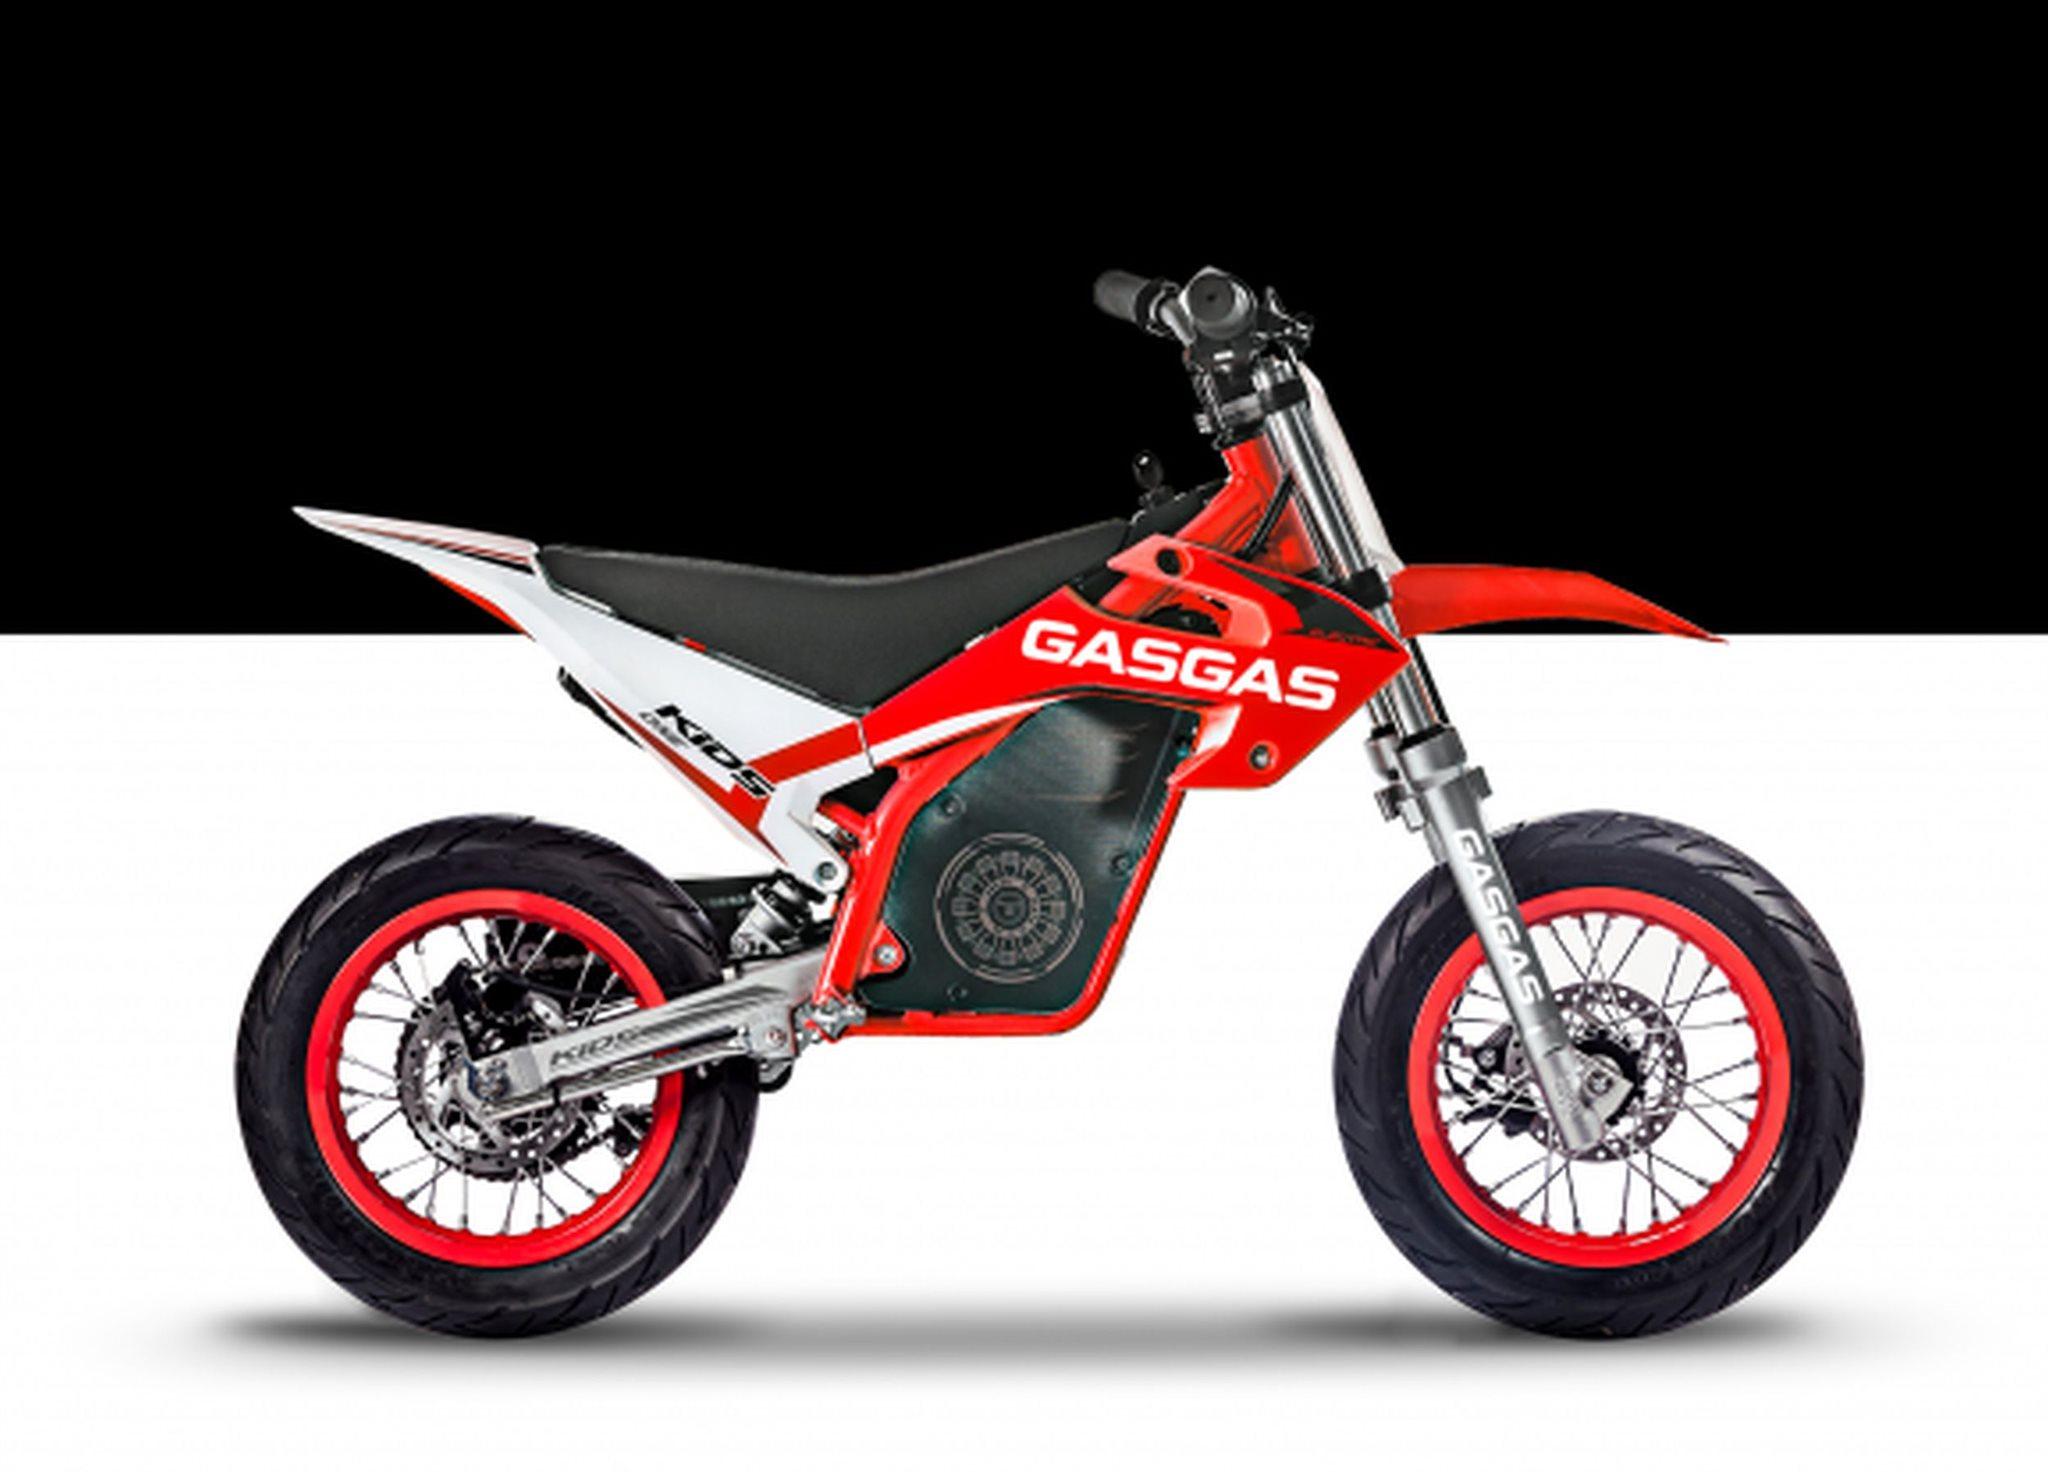 Gas Gas Supermotard One